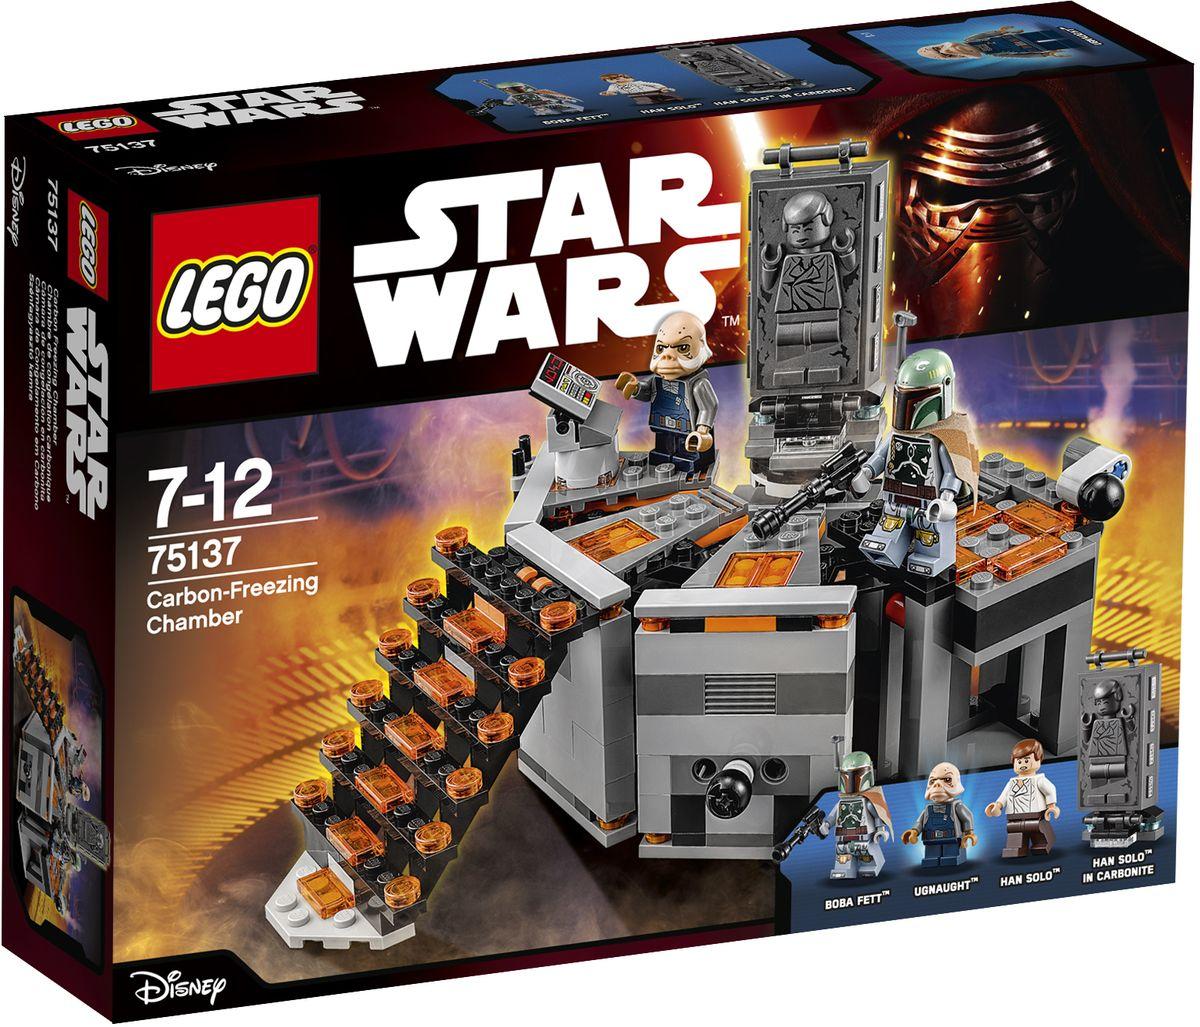 LEGO Star Wars Конструктор Камера карбонитной заморозки 7513775137Конструктор Lego Star Wars Камера карбонитной заморозки приведет в восторг любого поклонника знаменитой космической саги Звездные войны. Конструктор содержит 231 пластиковый элемент, с помощью которых вы сможете собрать оригинальное устройство из вселенной Звездных войн. Хана Соло доставили в камеру карбонитной заморозки и собираются заморозить в блок твердого карбонита! Сможет ли он победить Бобу Фетта и бежать или же будет навечно заморожен Угнотом? Только ты можешь это решить! Камера заморозки установлена на лифте, который позволяет поднимать и опускать ее. Также в набор входят фигурка Хана Соло и фигурки космических пиратов. Игры с конструкторами помогут ребенку развить воображение, внимательность, пространственное мышление и творческие способности. Такой конструктор надолго займет внимание малыша и непременно станет его любимой игрушкой.